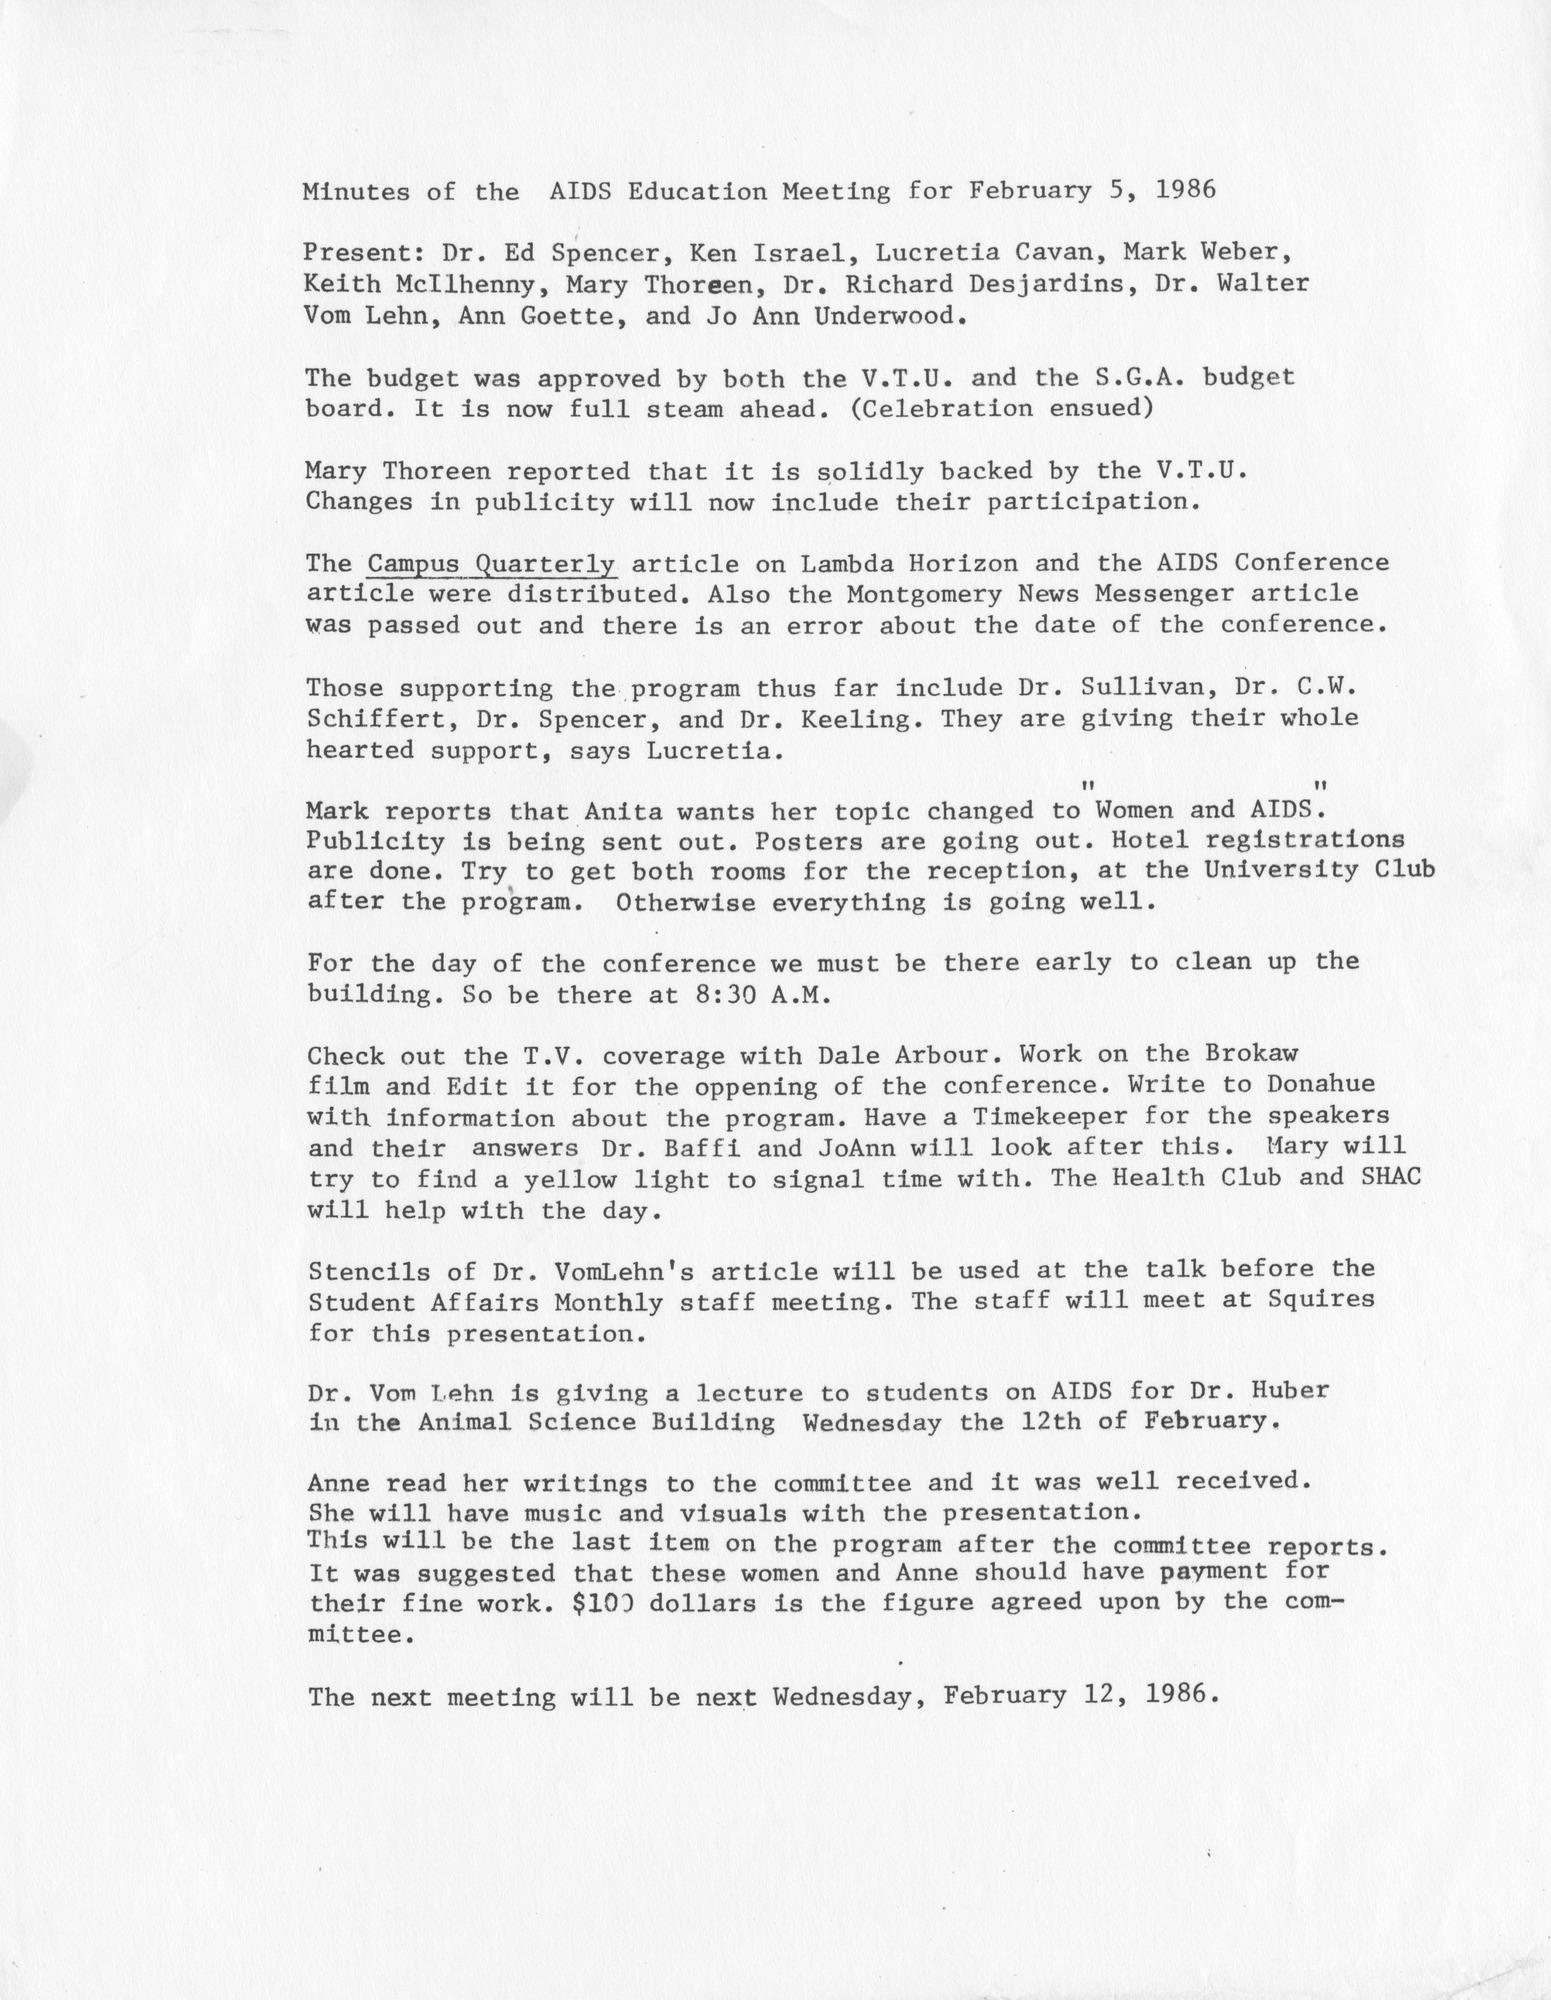 Ms2014-010_WeberMark_MinutesAIDSEducation_1986_0205.jpg